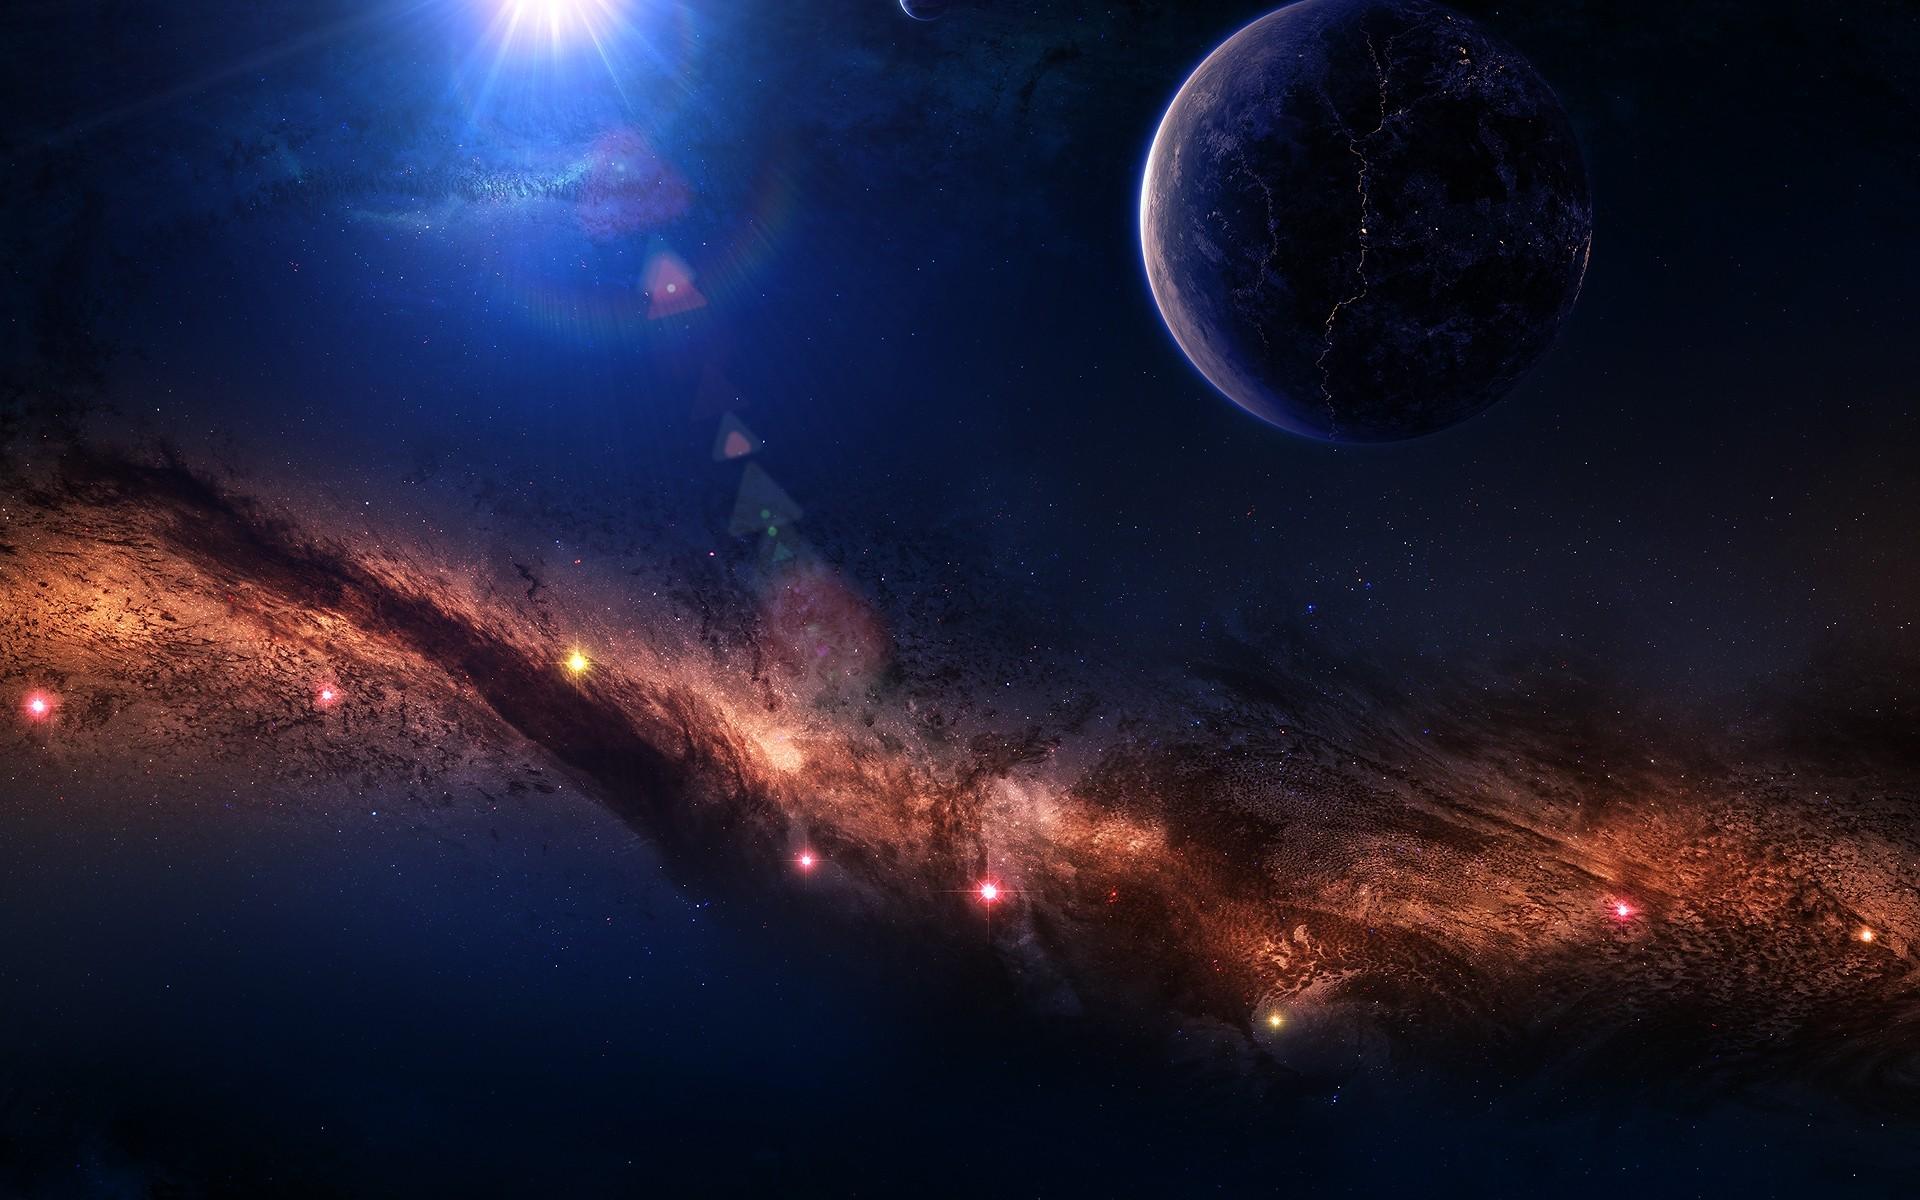 под архив картинок про космос его